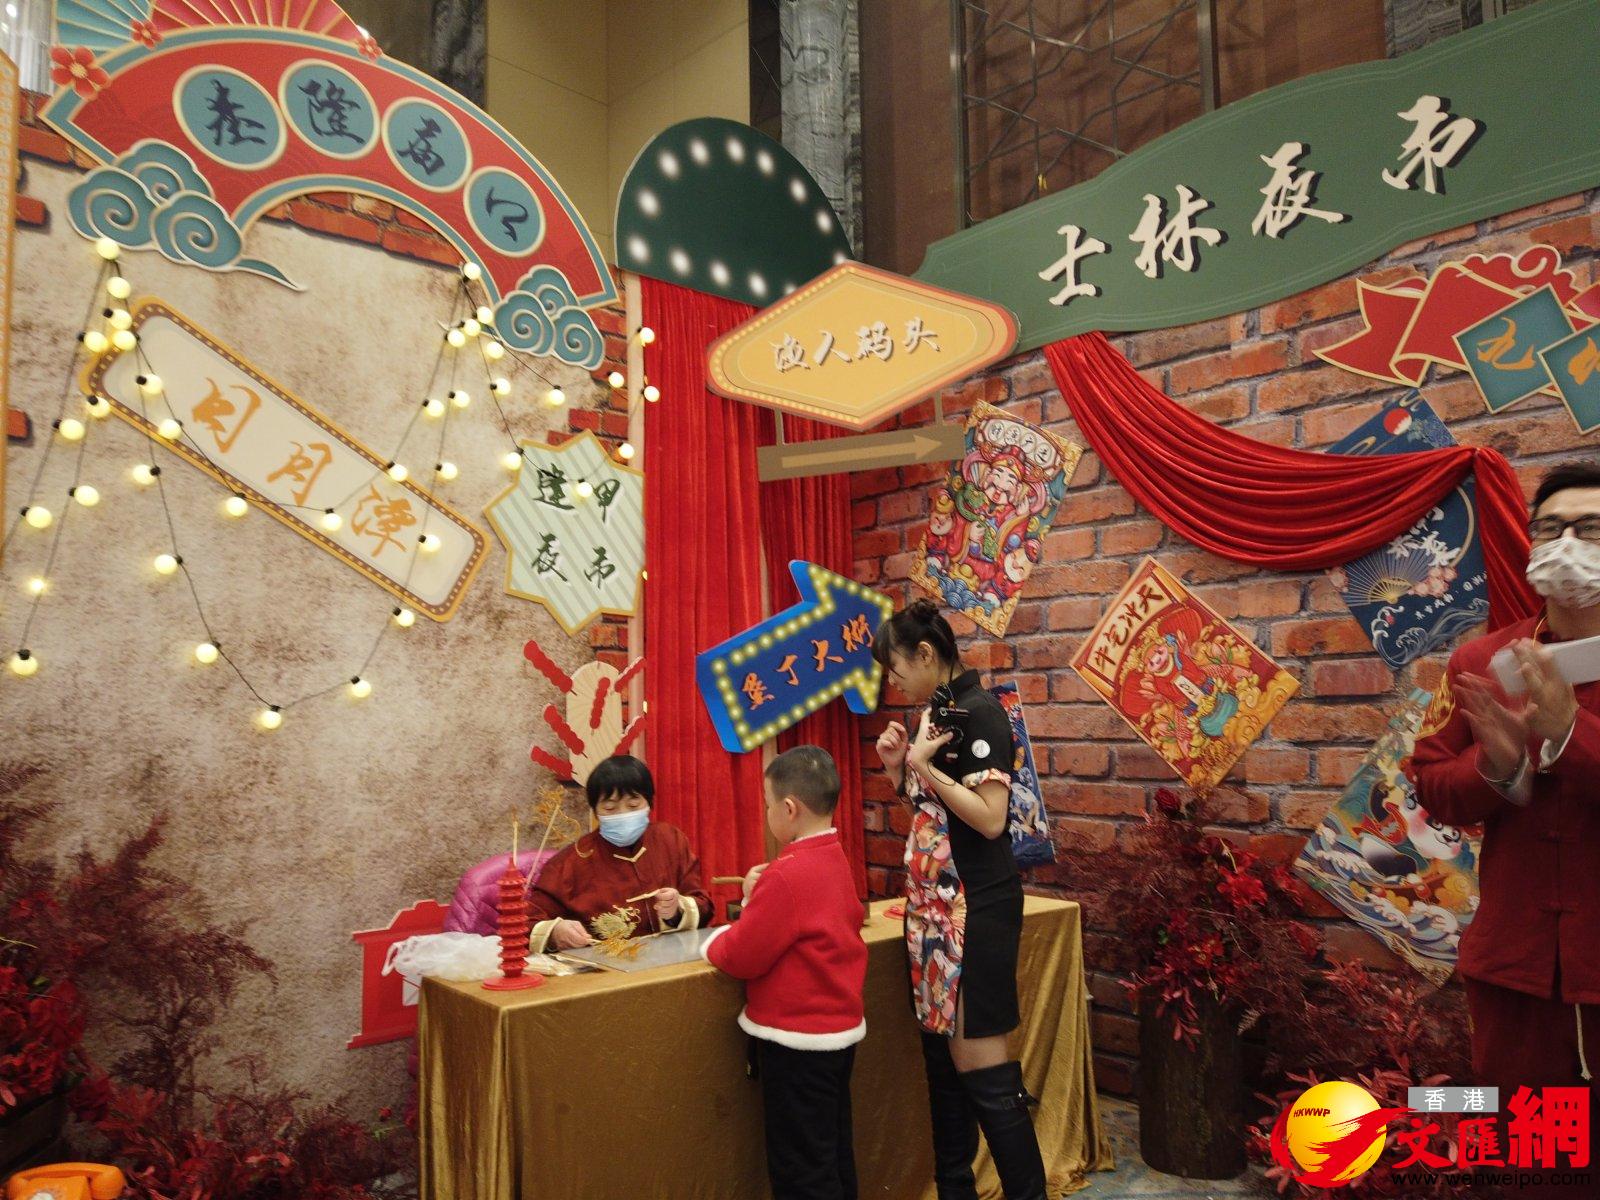 上海首創「雲」上年夜飯助台青一解鄉愁